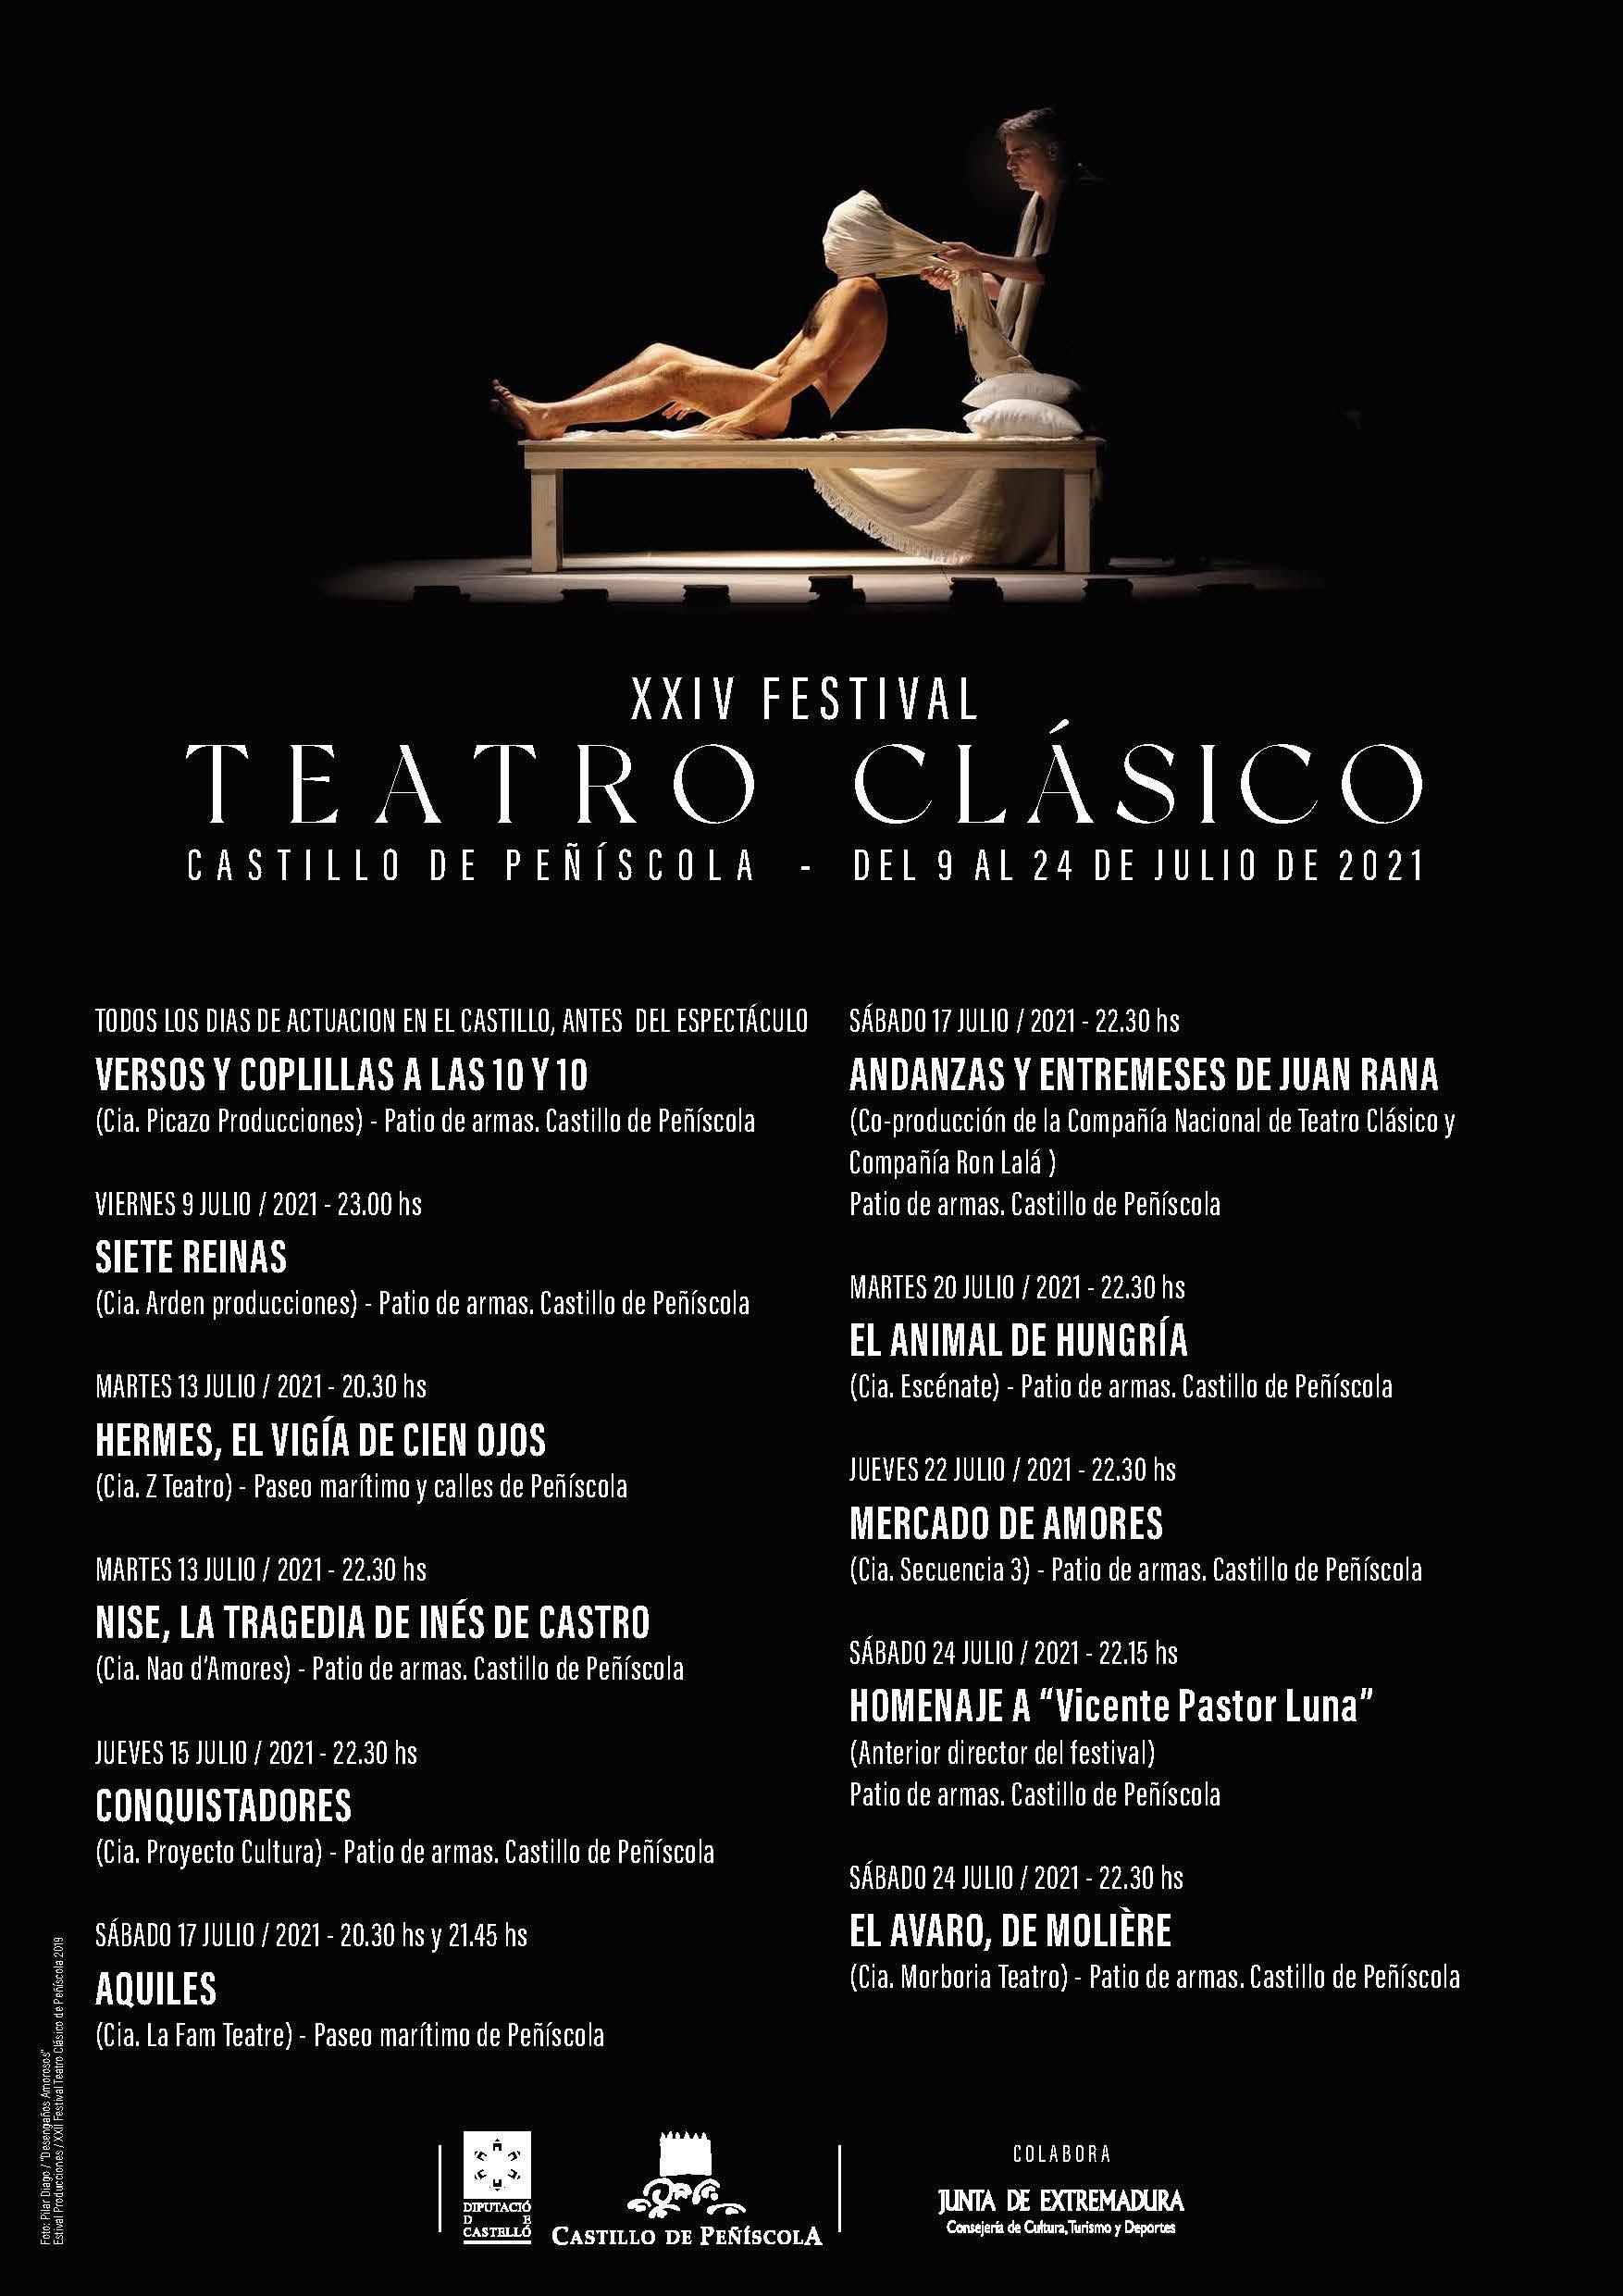 XXIV Festival de Teatro Clásico